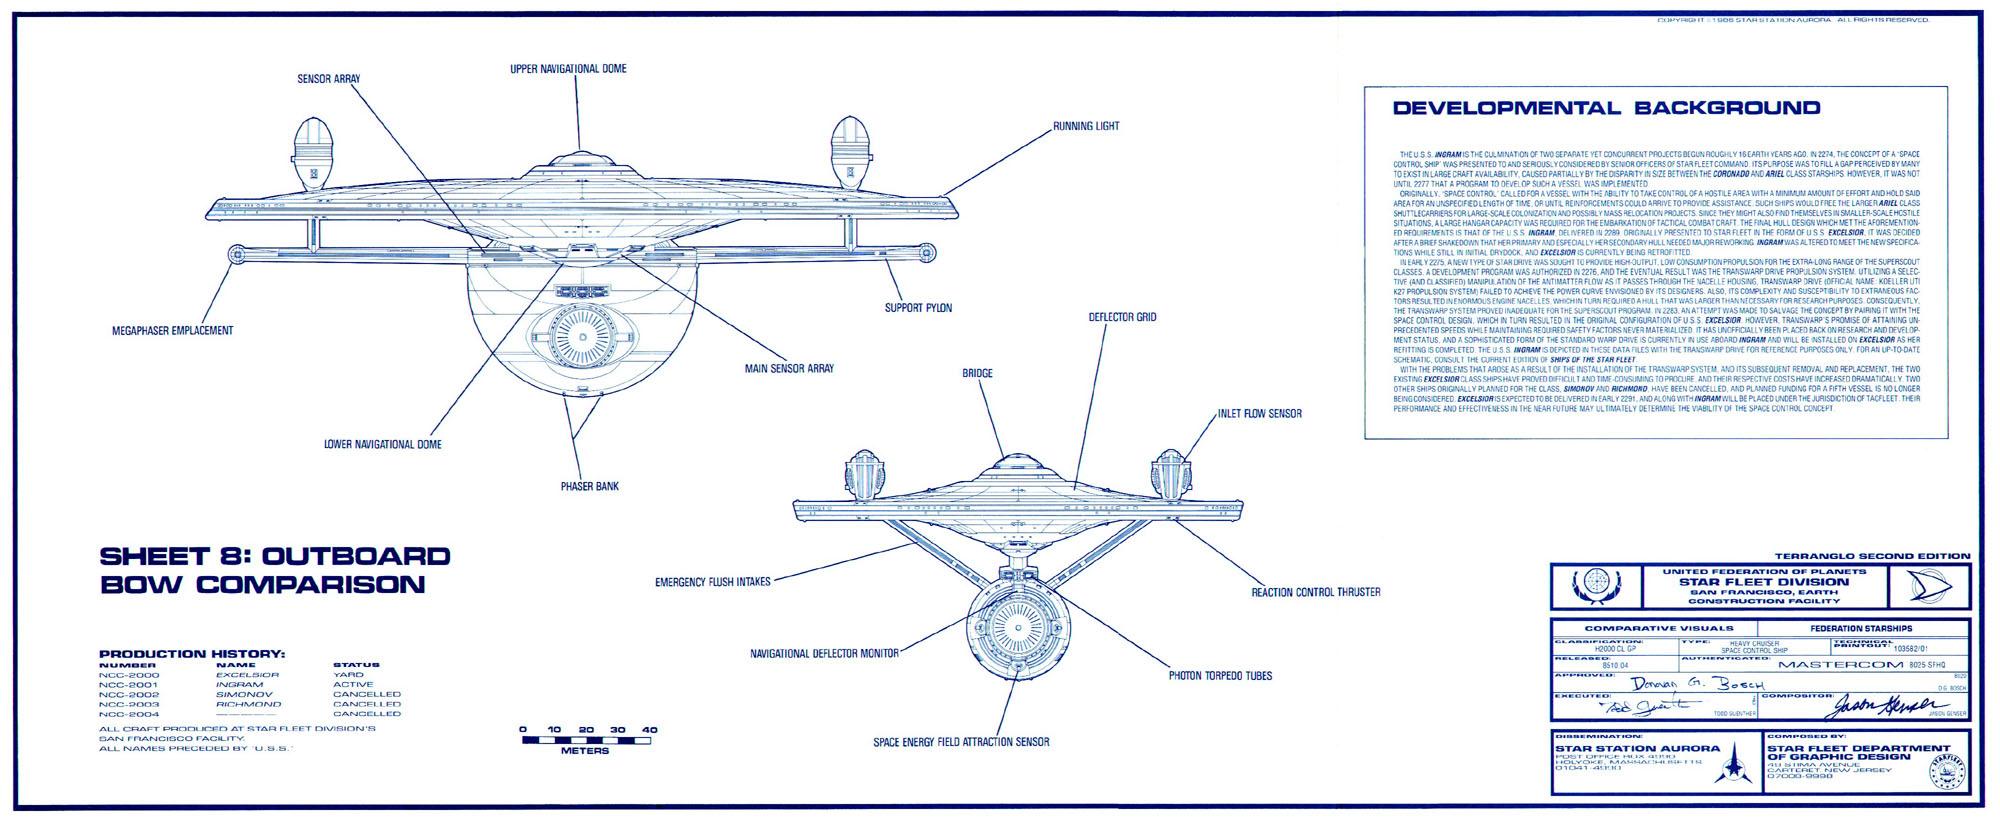 excelsiorblueprintssheet8.jpg